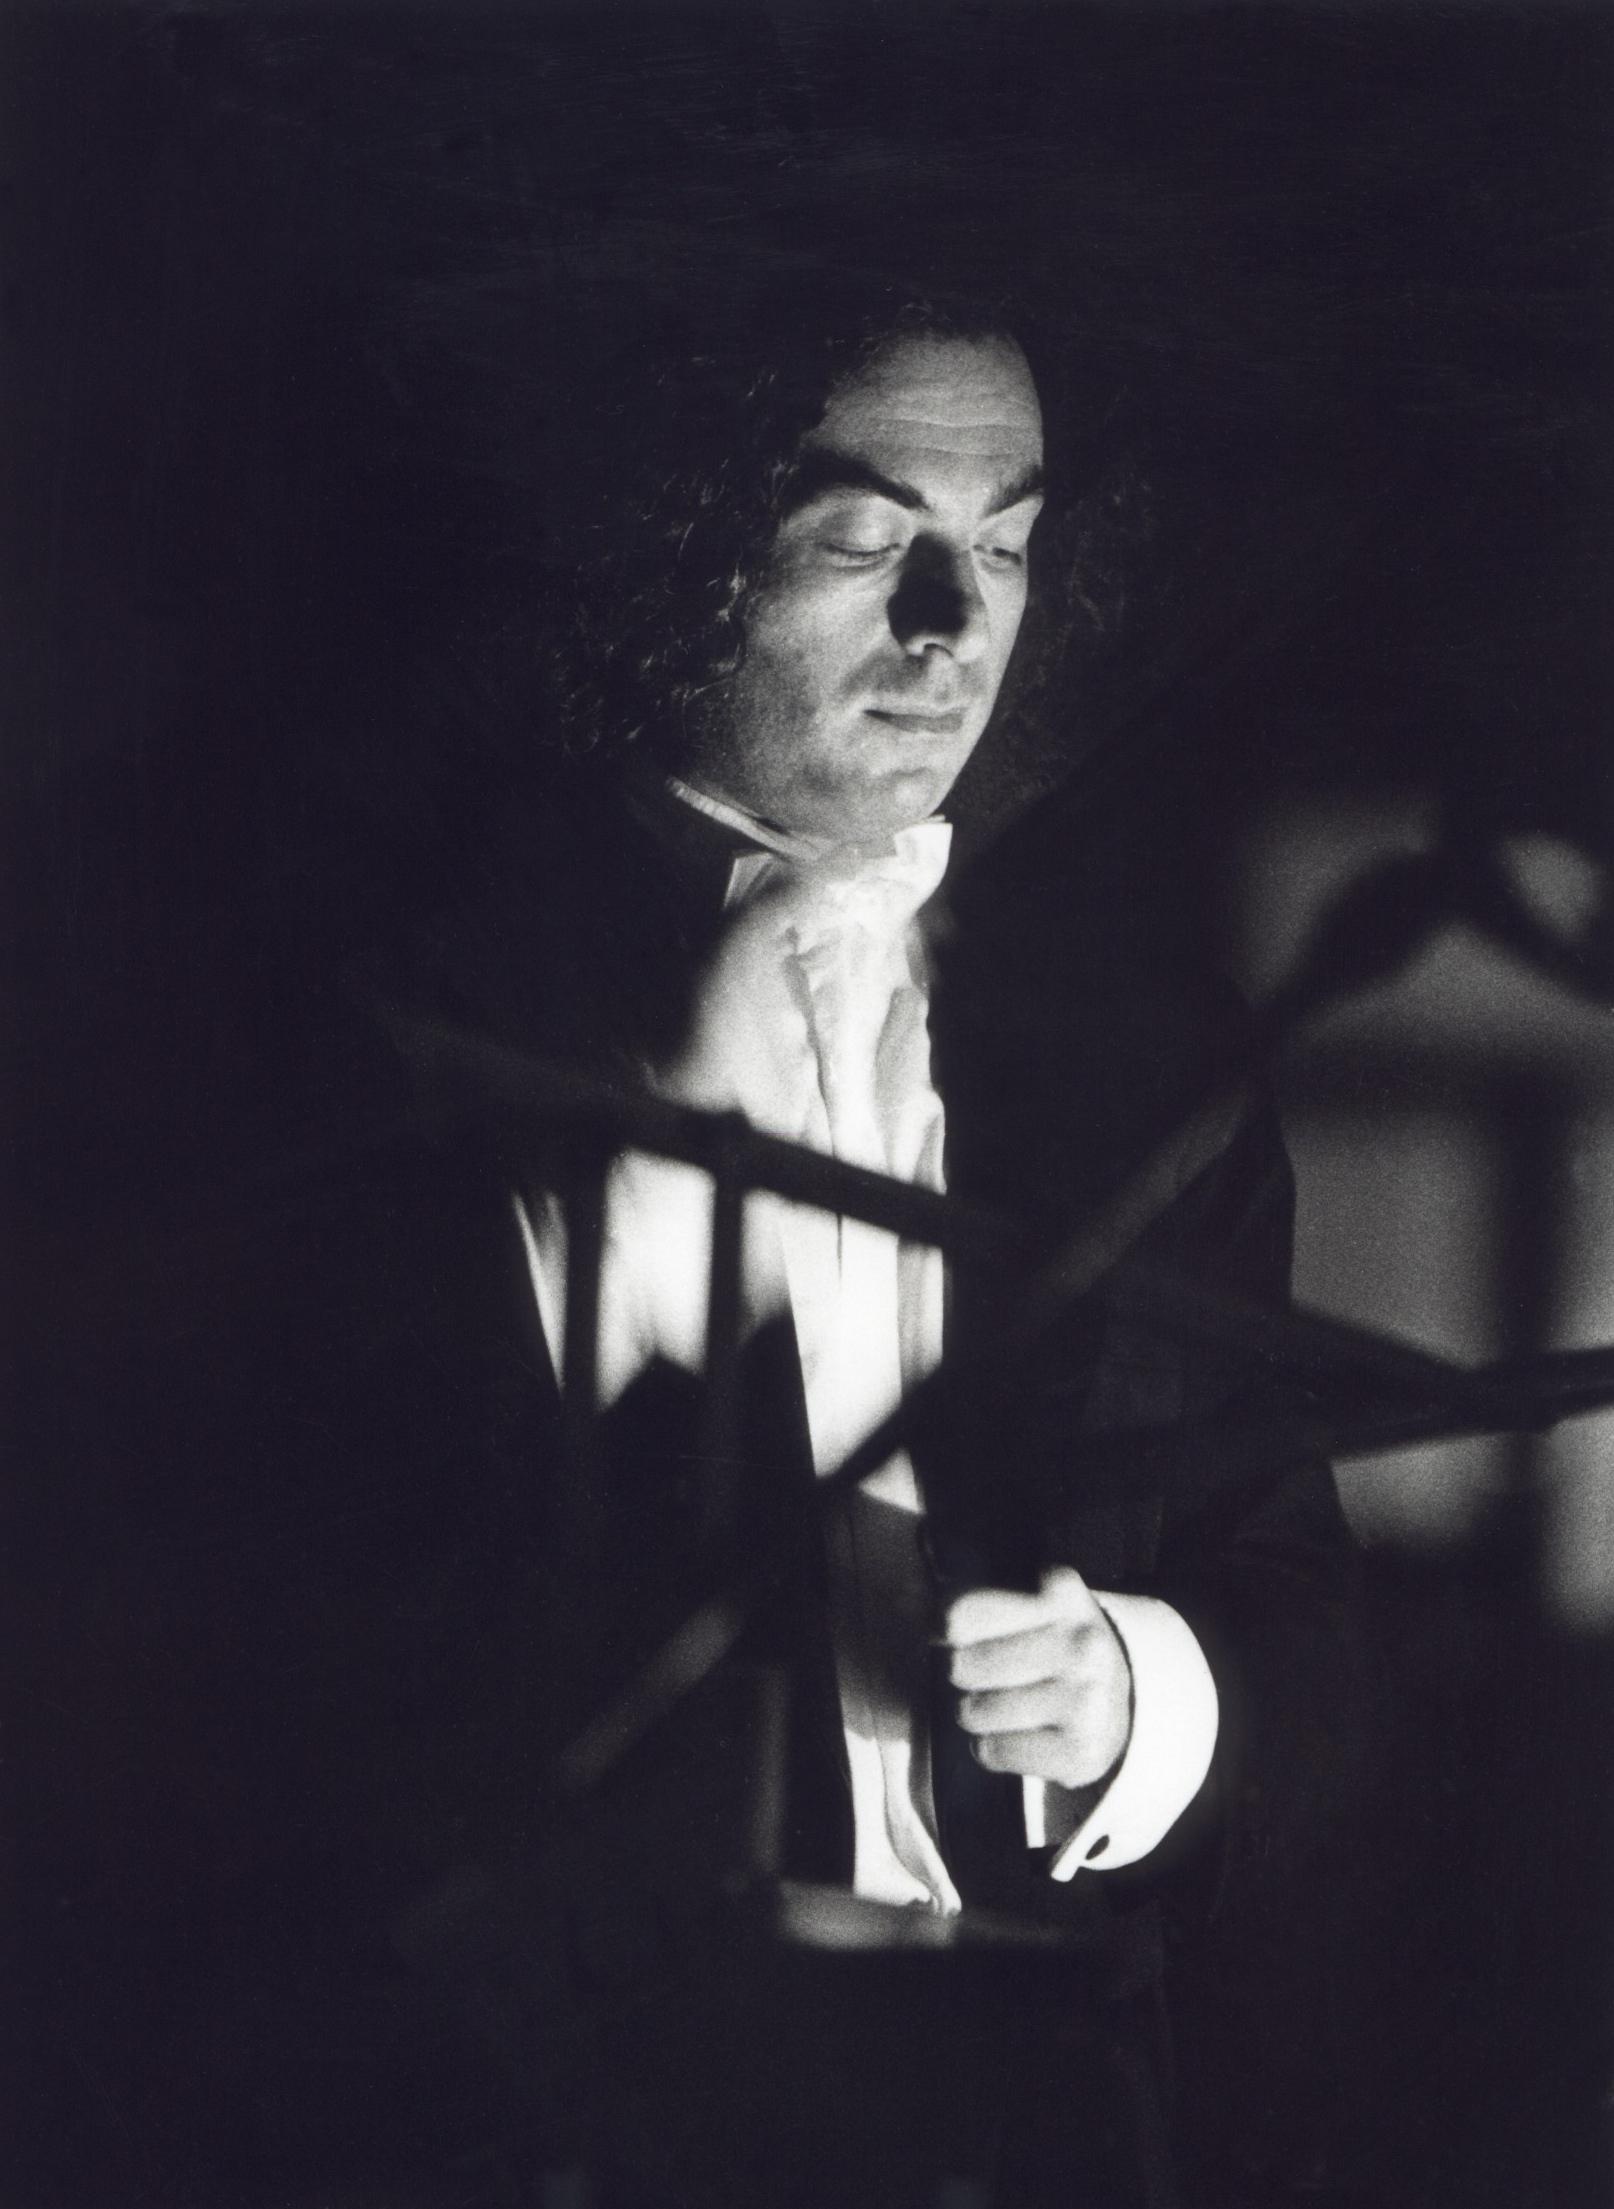 ALBERTO CAPRIOLI, ORCHESTRA DEL TEATRO COMUNALE DI BOLOGNA. BOLOGNA, PIAZZA MAGGIORE, LUGLIO 1998, FOTO PRIMO GNANI